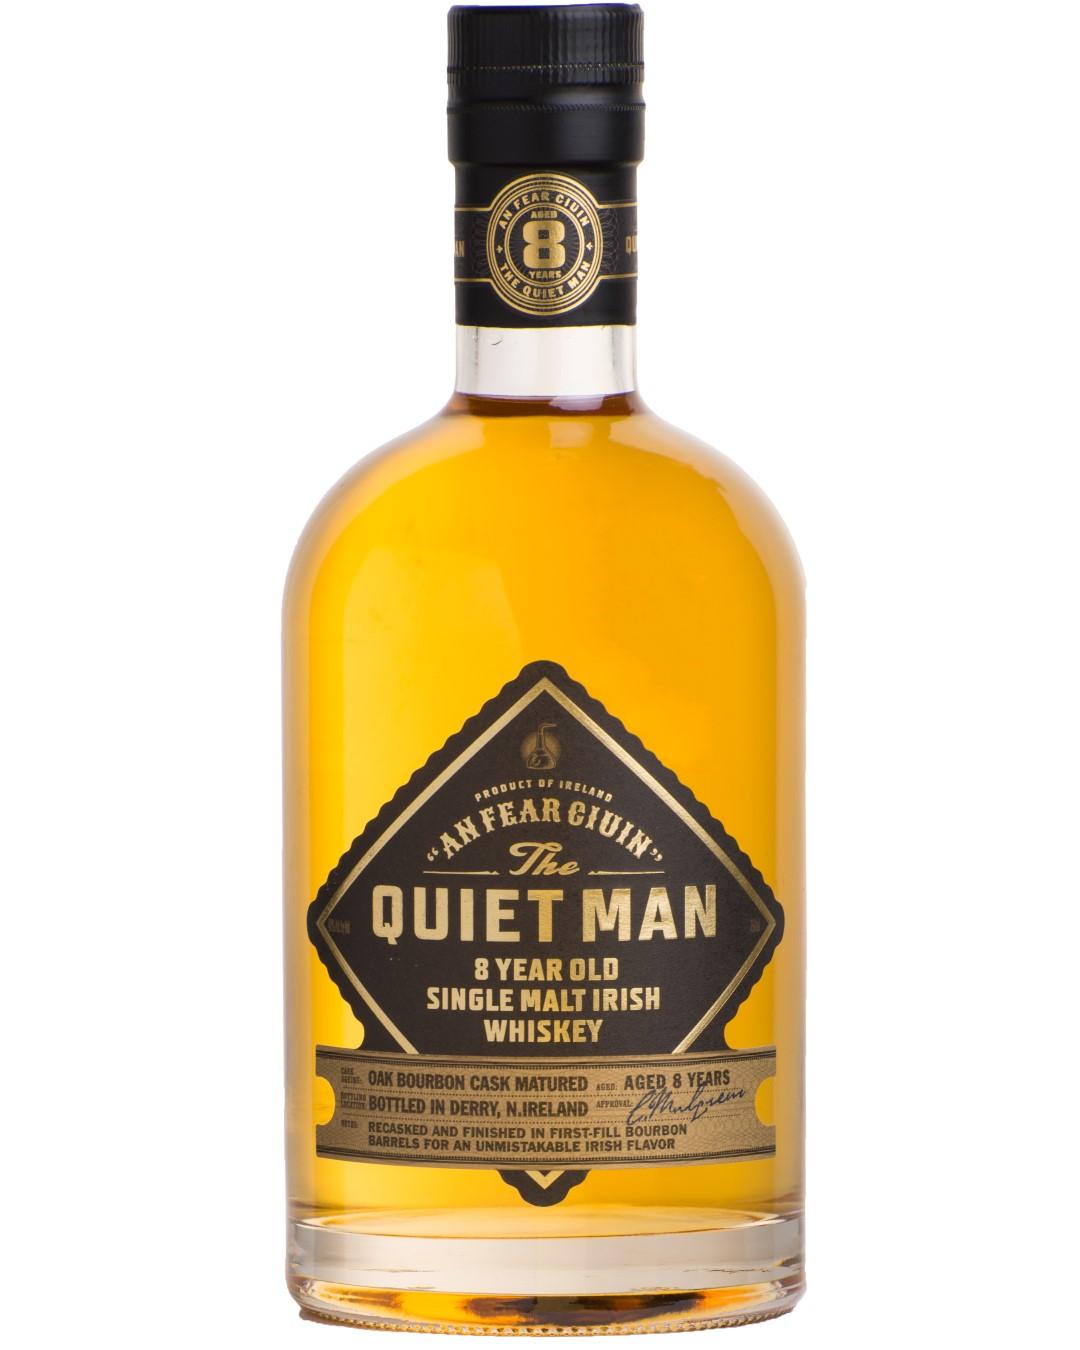 The Quiet Man Single Malt 8 Years Old Irish Whiskey